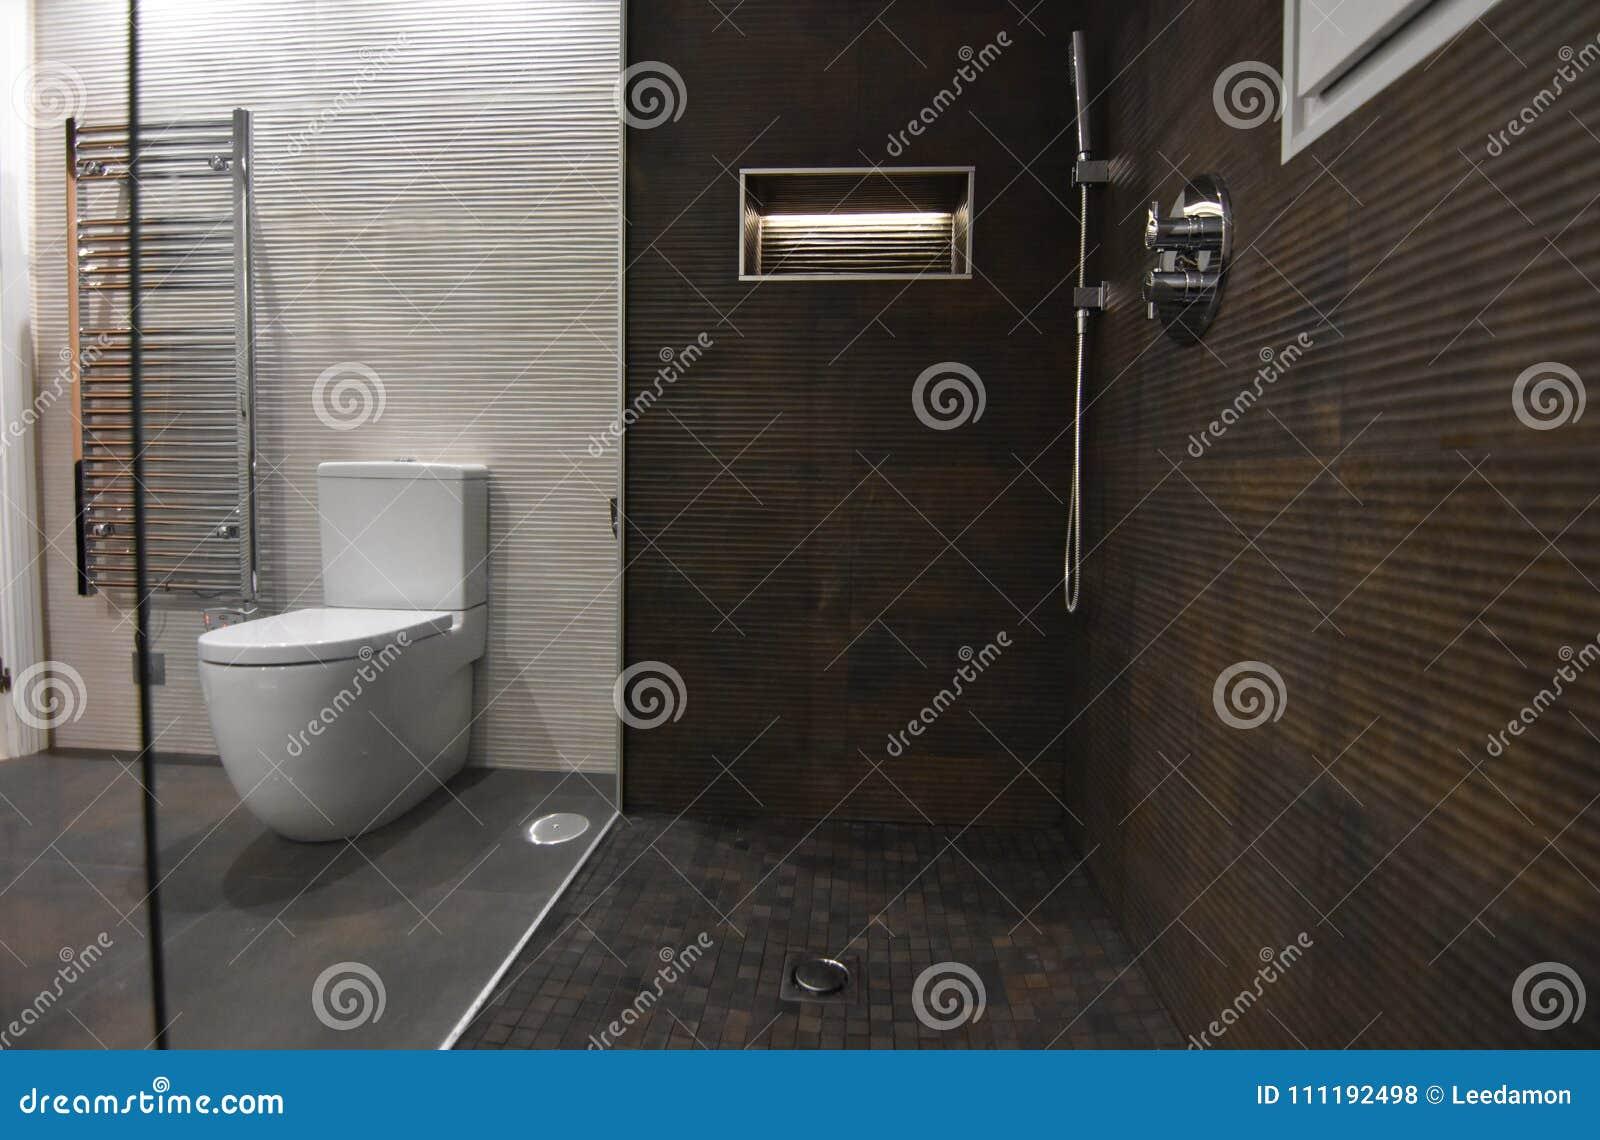 Modernes Mischung Weinlese Badezimmer Weg In Der Dusche